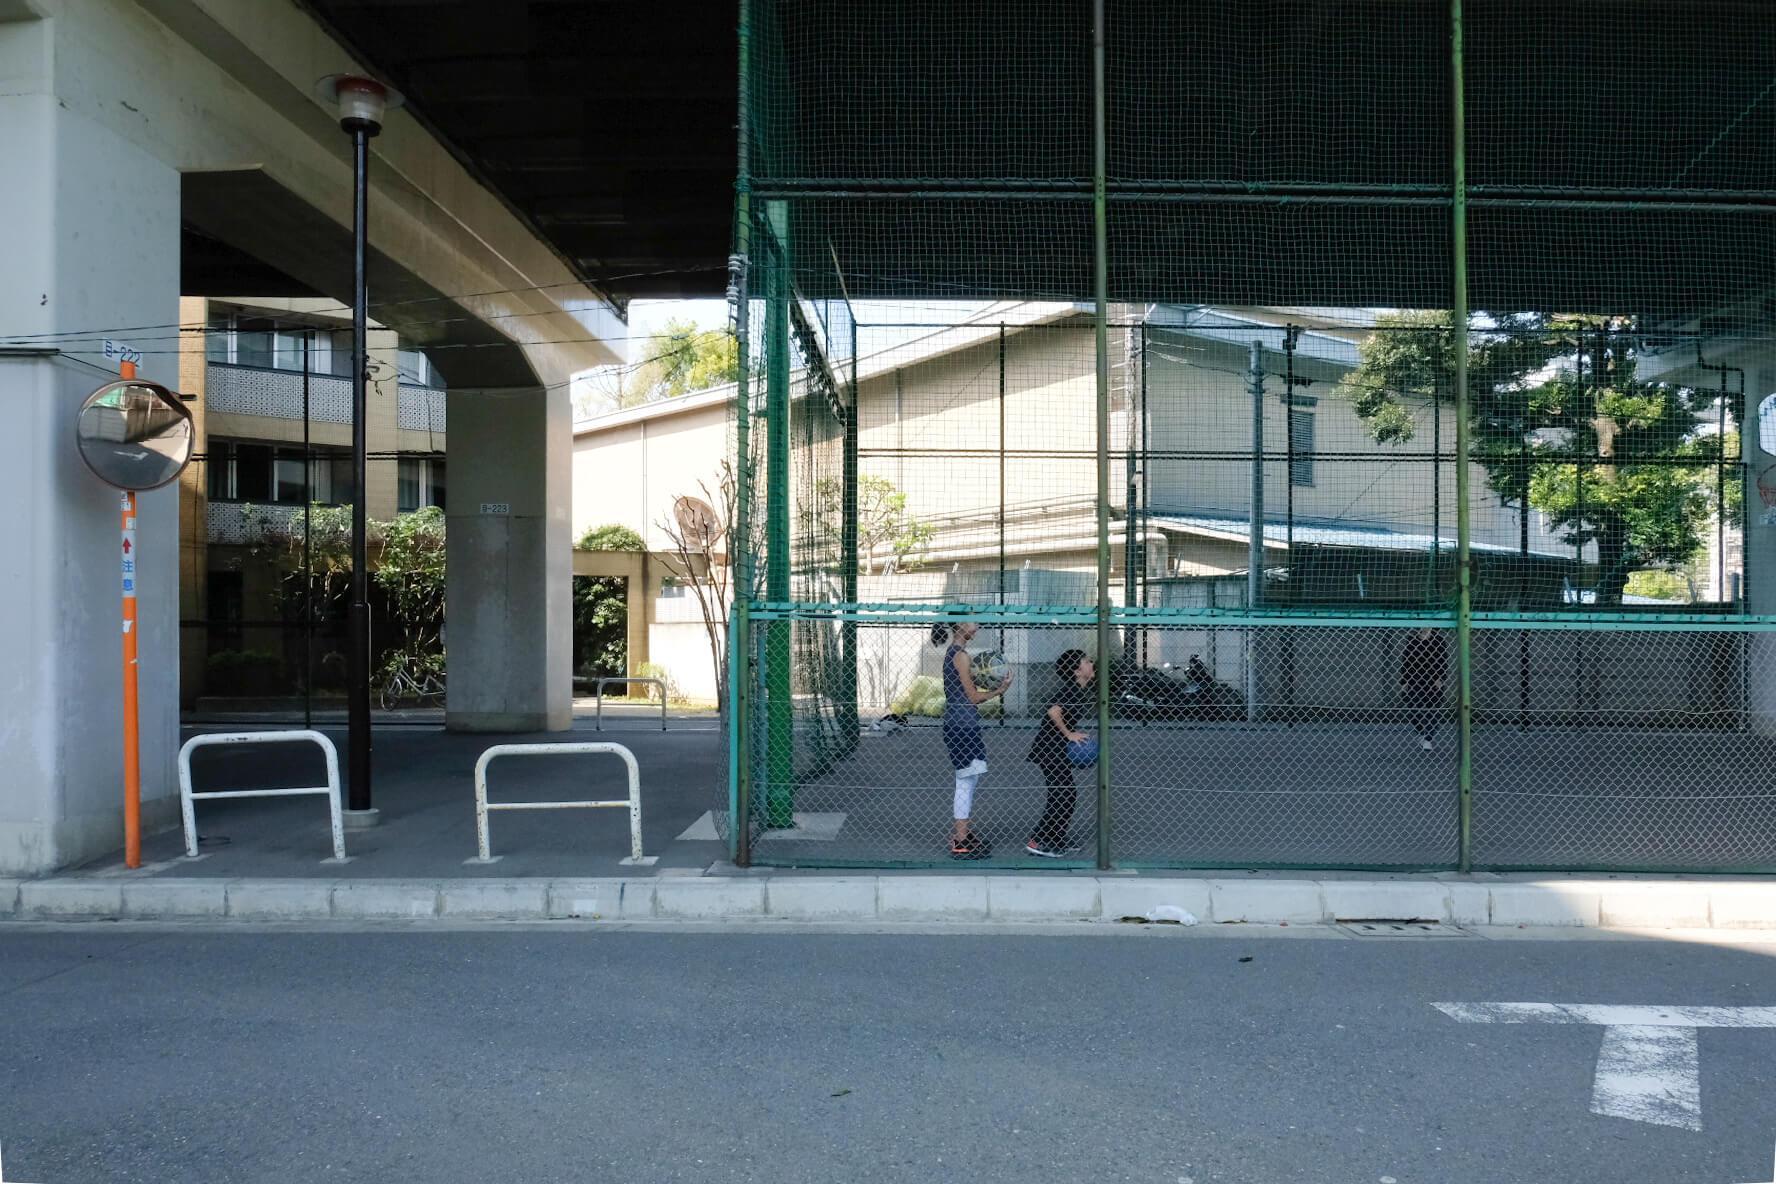 すぐそばには、高架下の公園があります。子どもたちがバスケットボールで遊んでいました